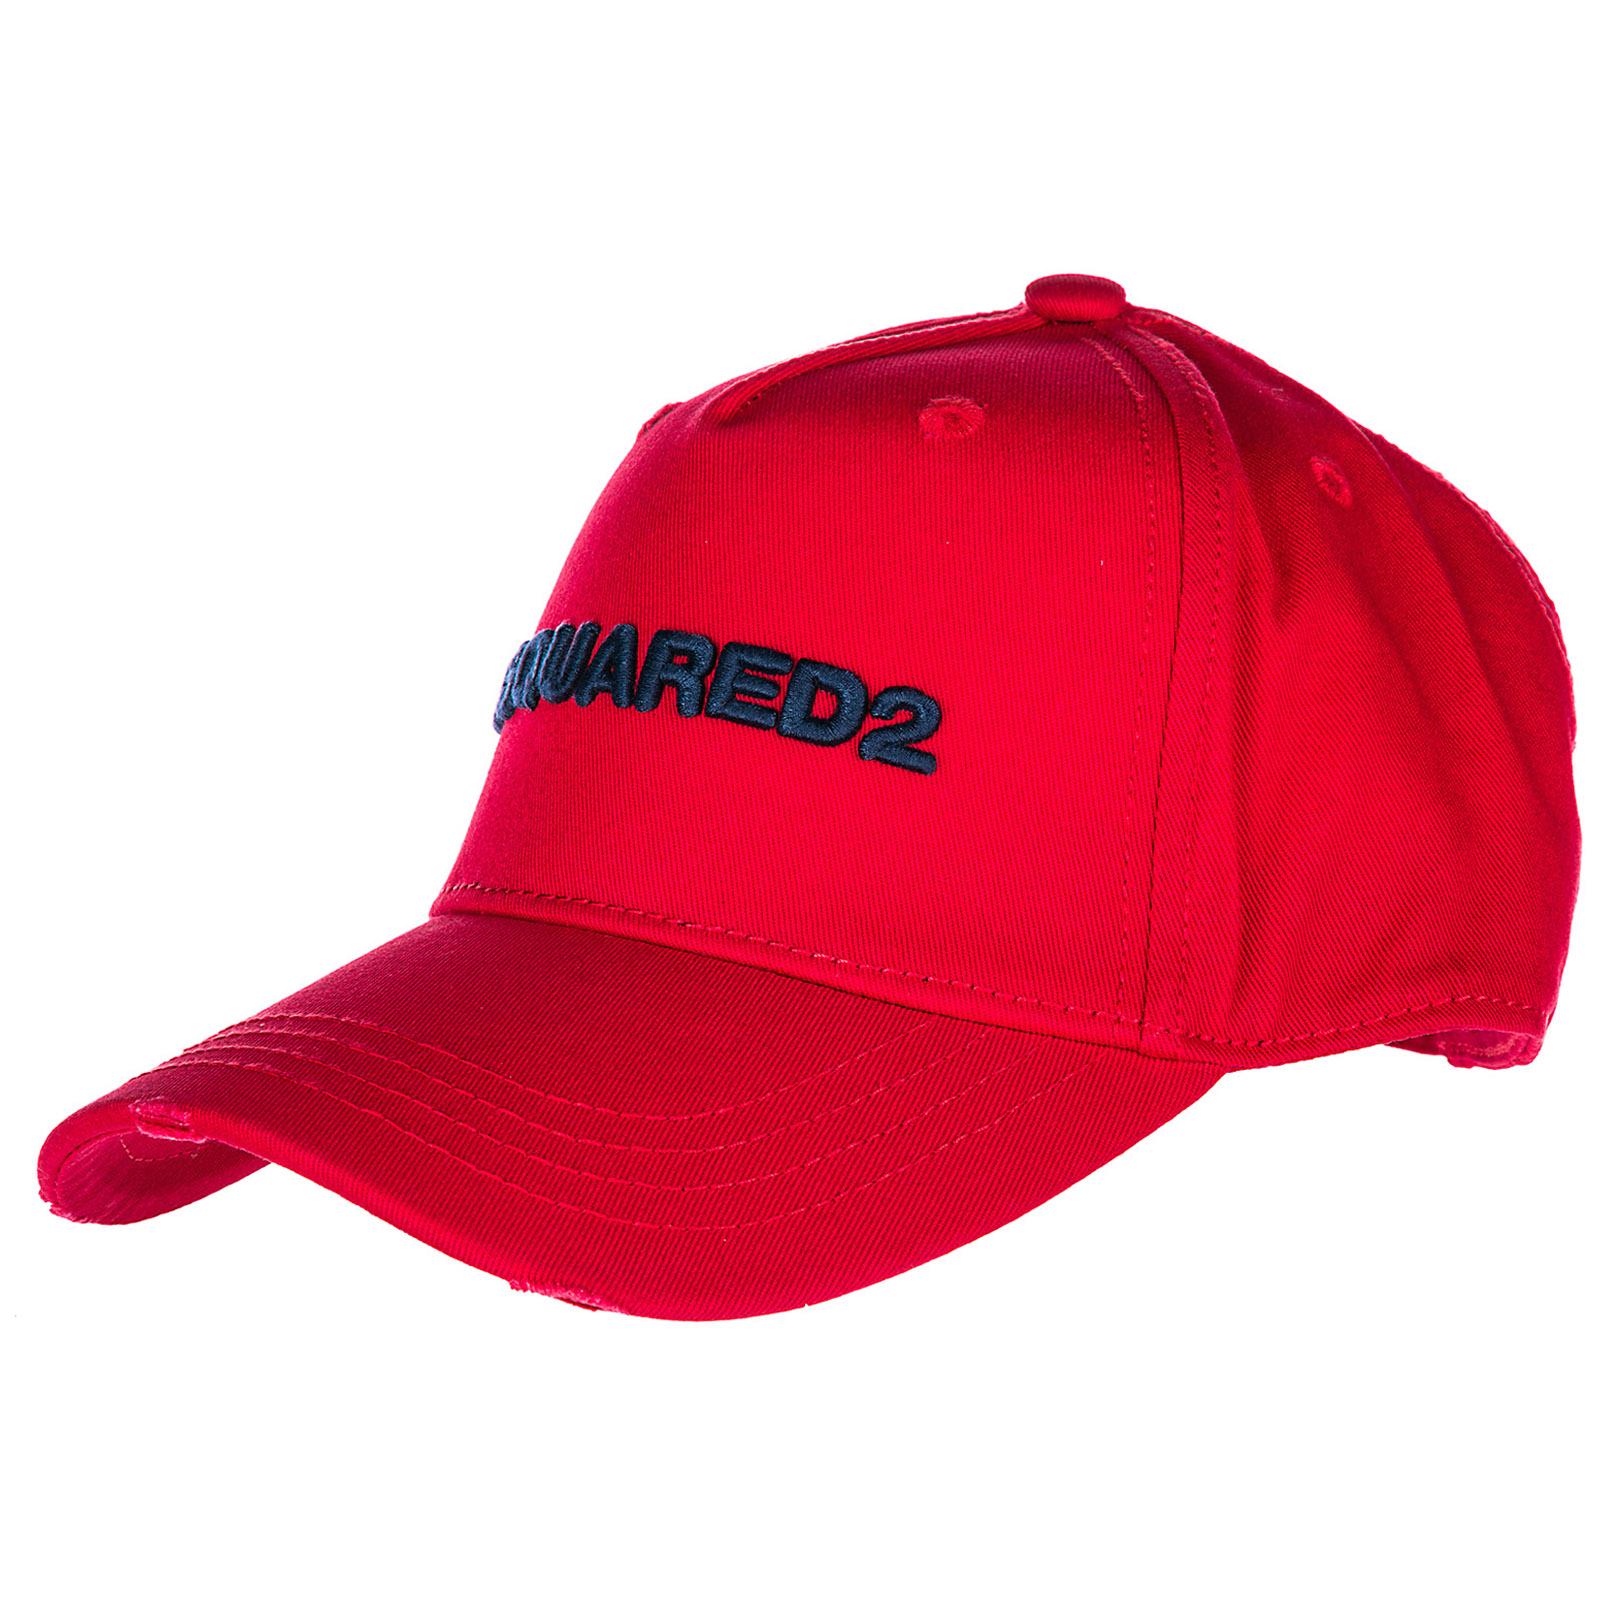 Cappello berretto regolabile uomo in cotone d2 baseball